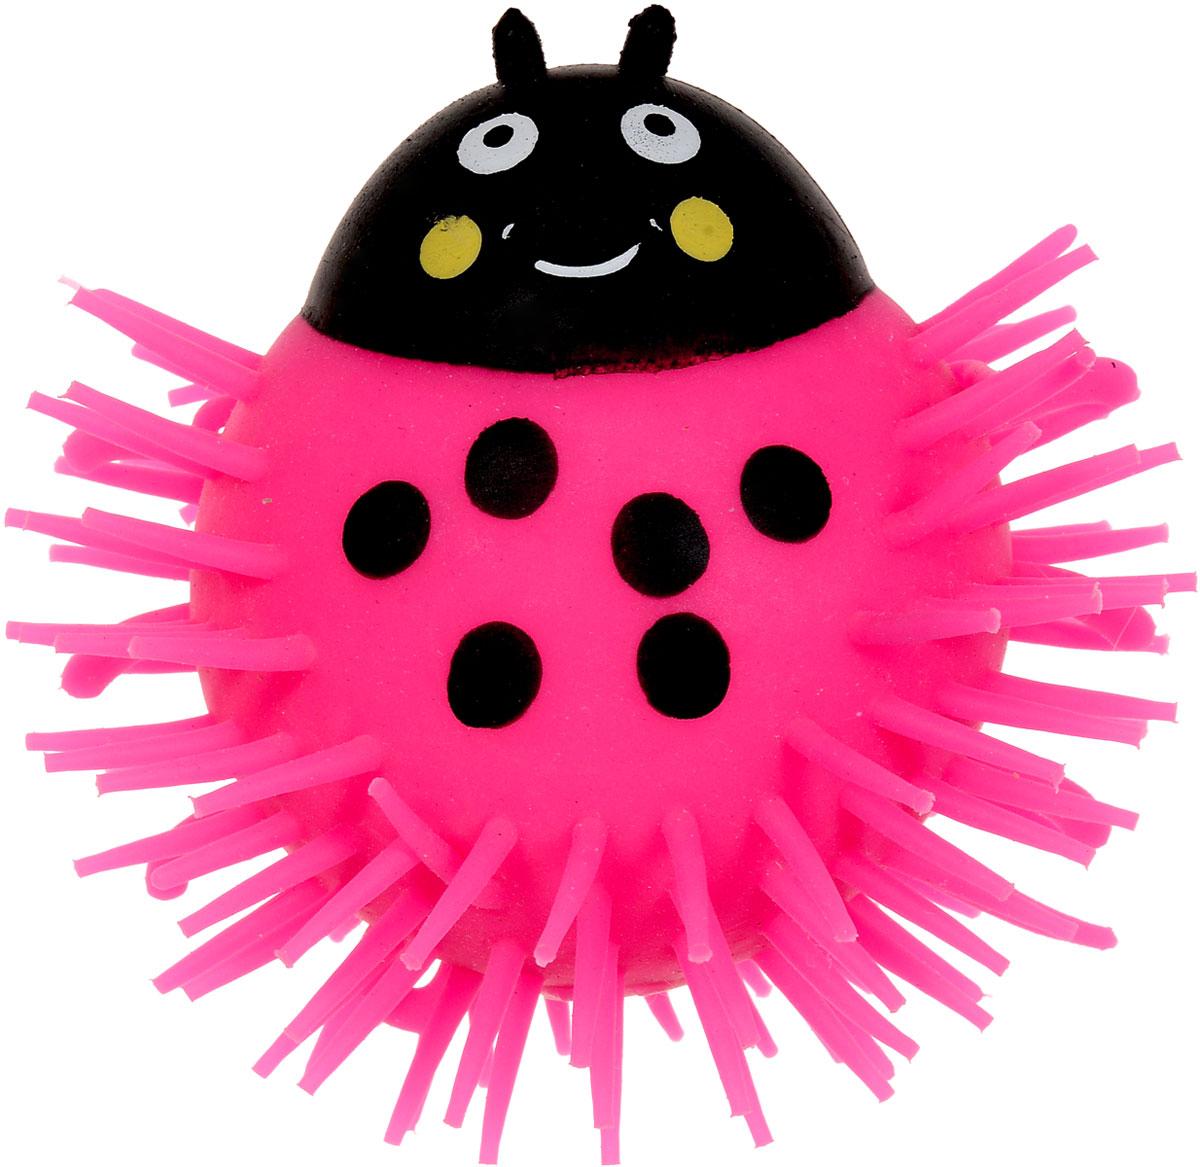 1TOY Игрушка-антистресс Ё-Ёжик Жук цвет розовый 1toy игрушка антистресс ё ёжик животное цвет розовый